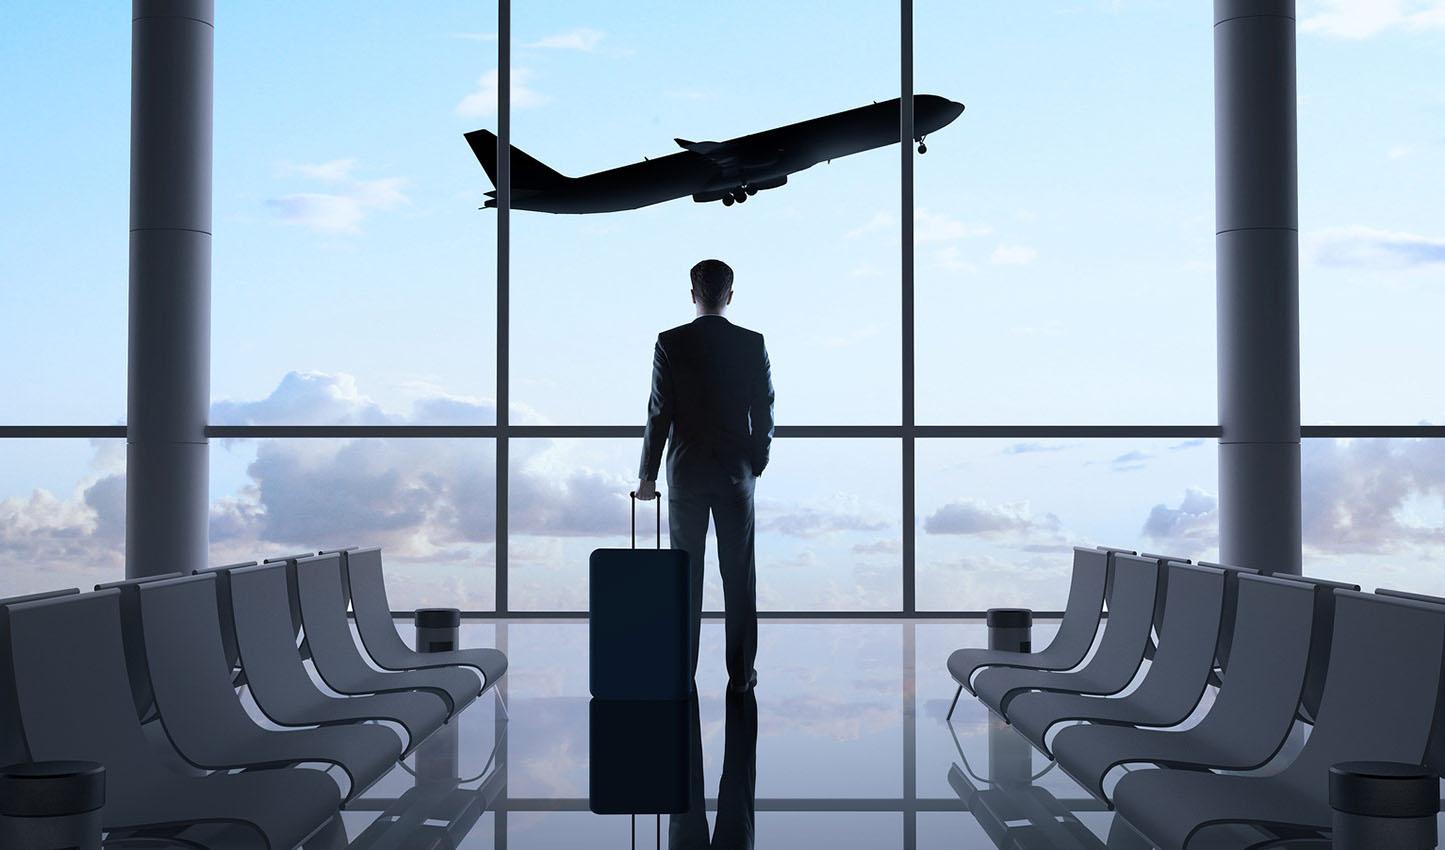 اگر از سفر با هواپیما جا بمانیم چه کارهایی باید کنیم؟